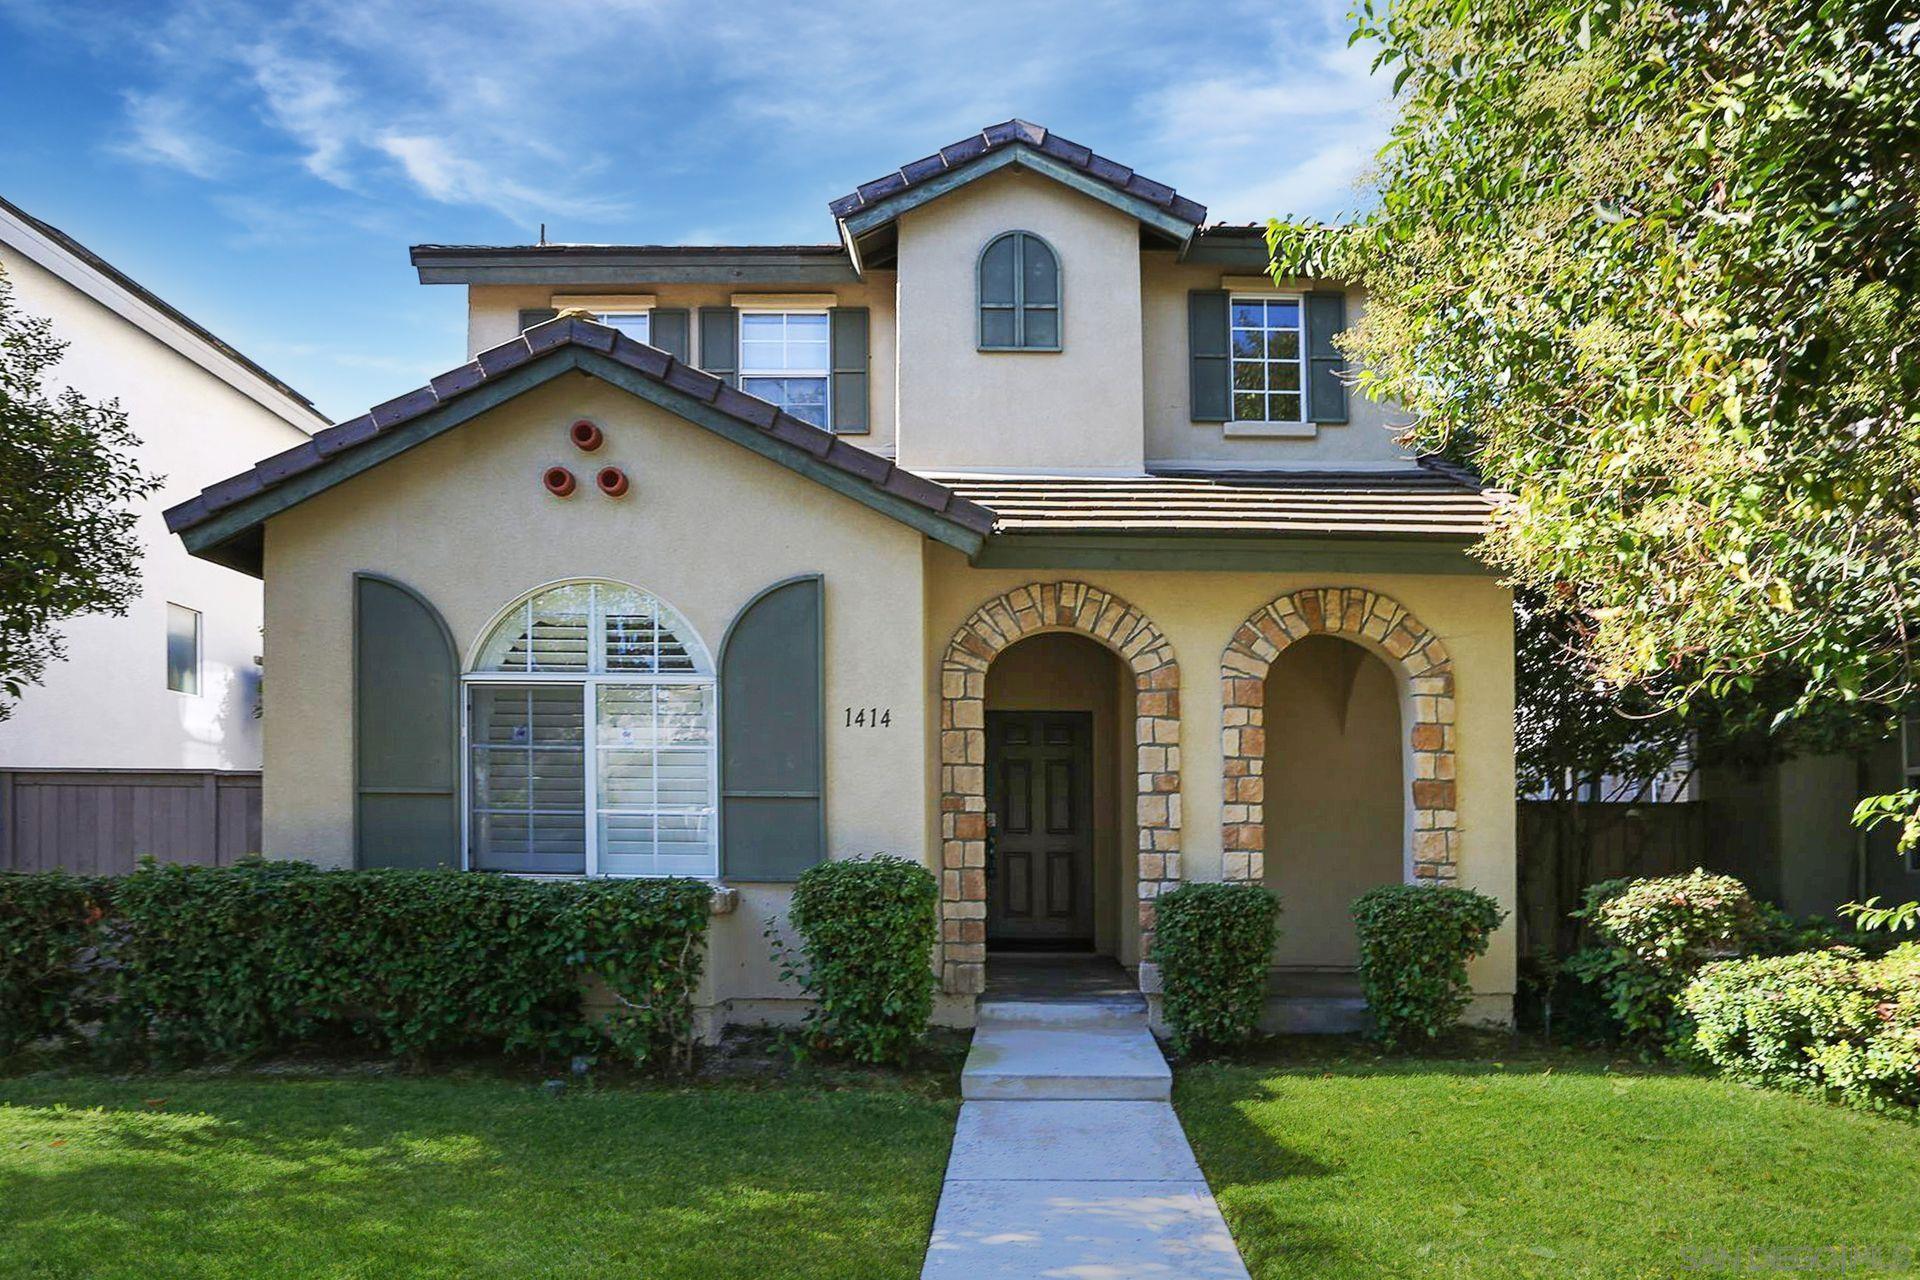 1414 Vallejo Mills St, Chula Vista, CA 91913